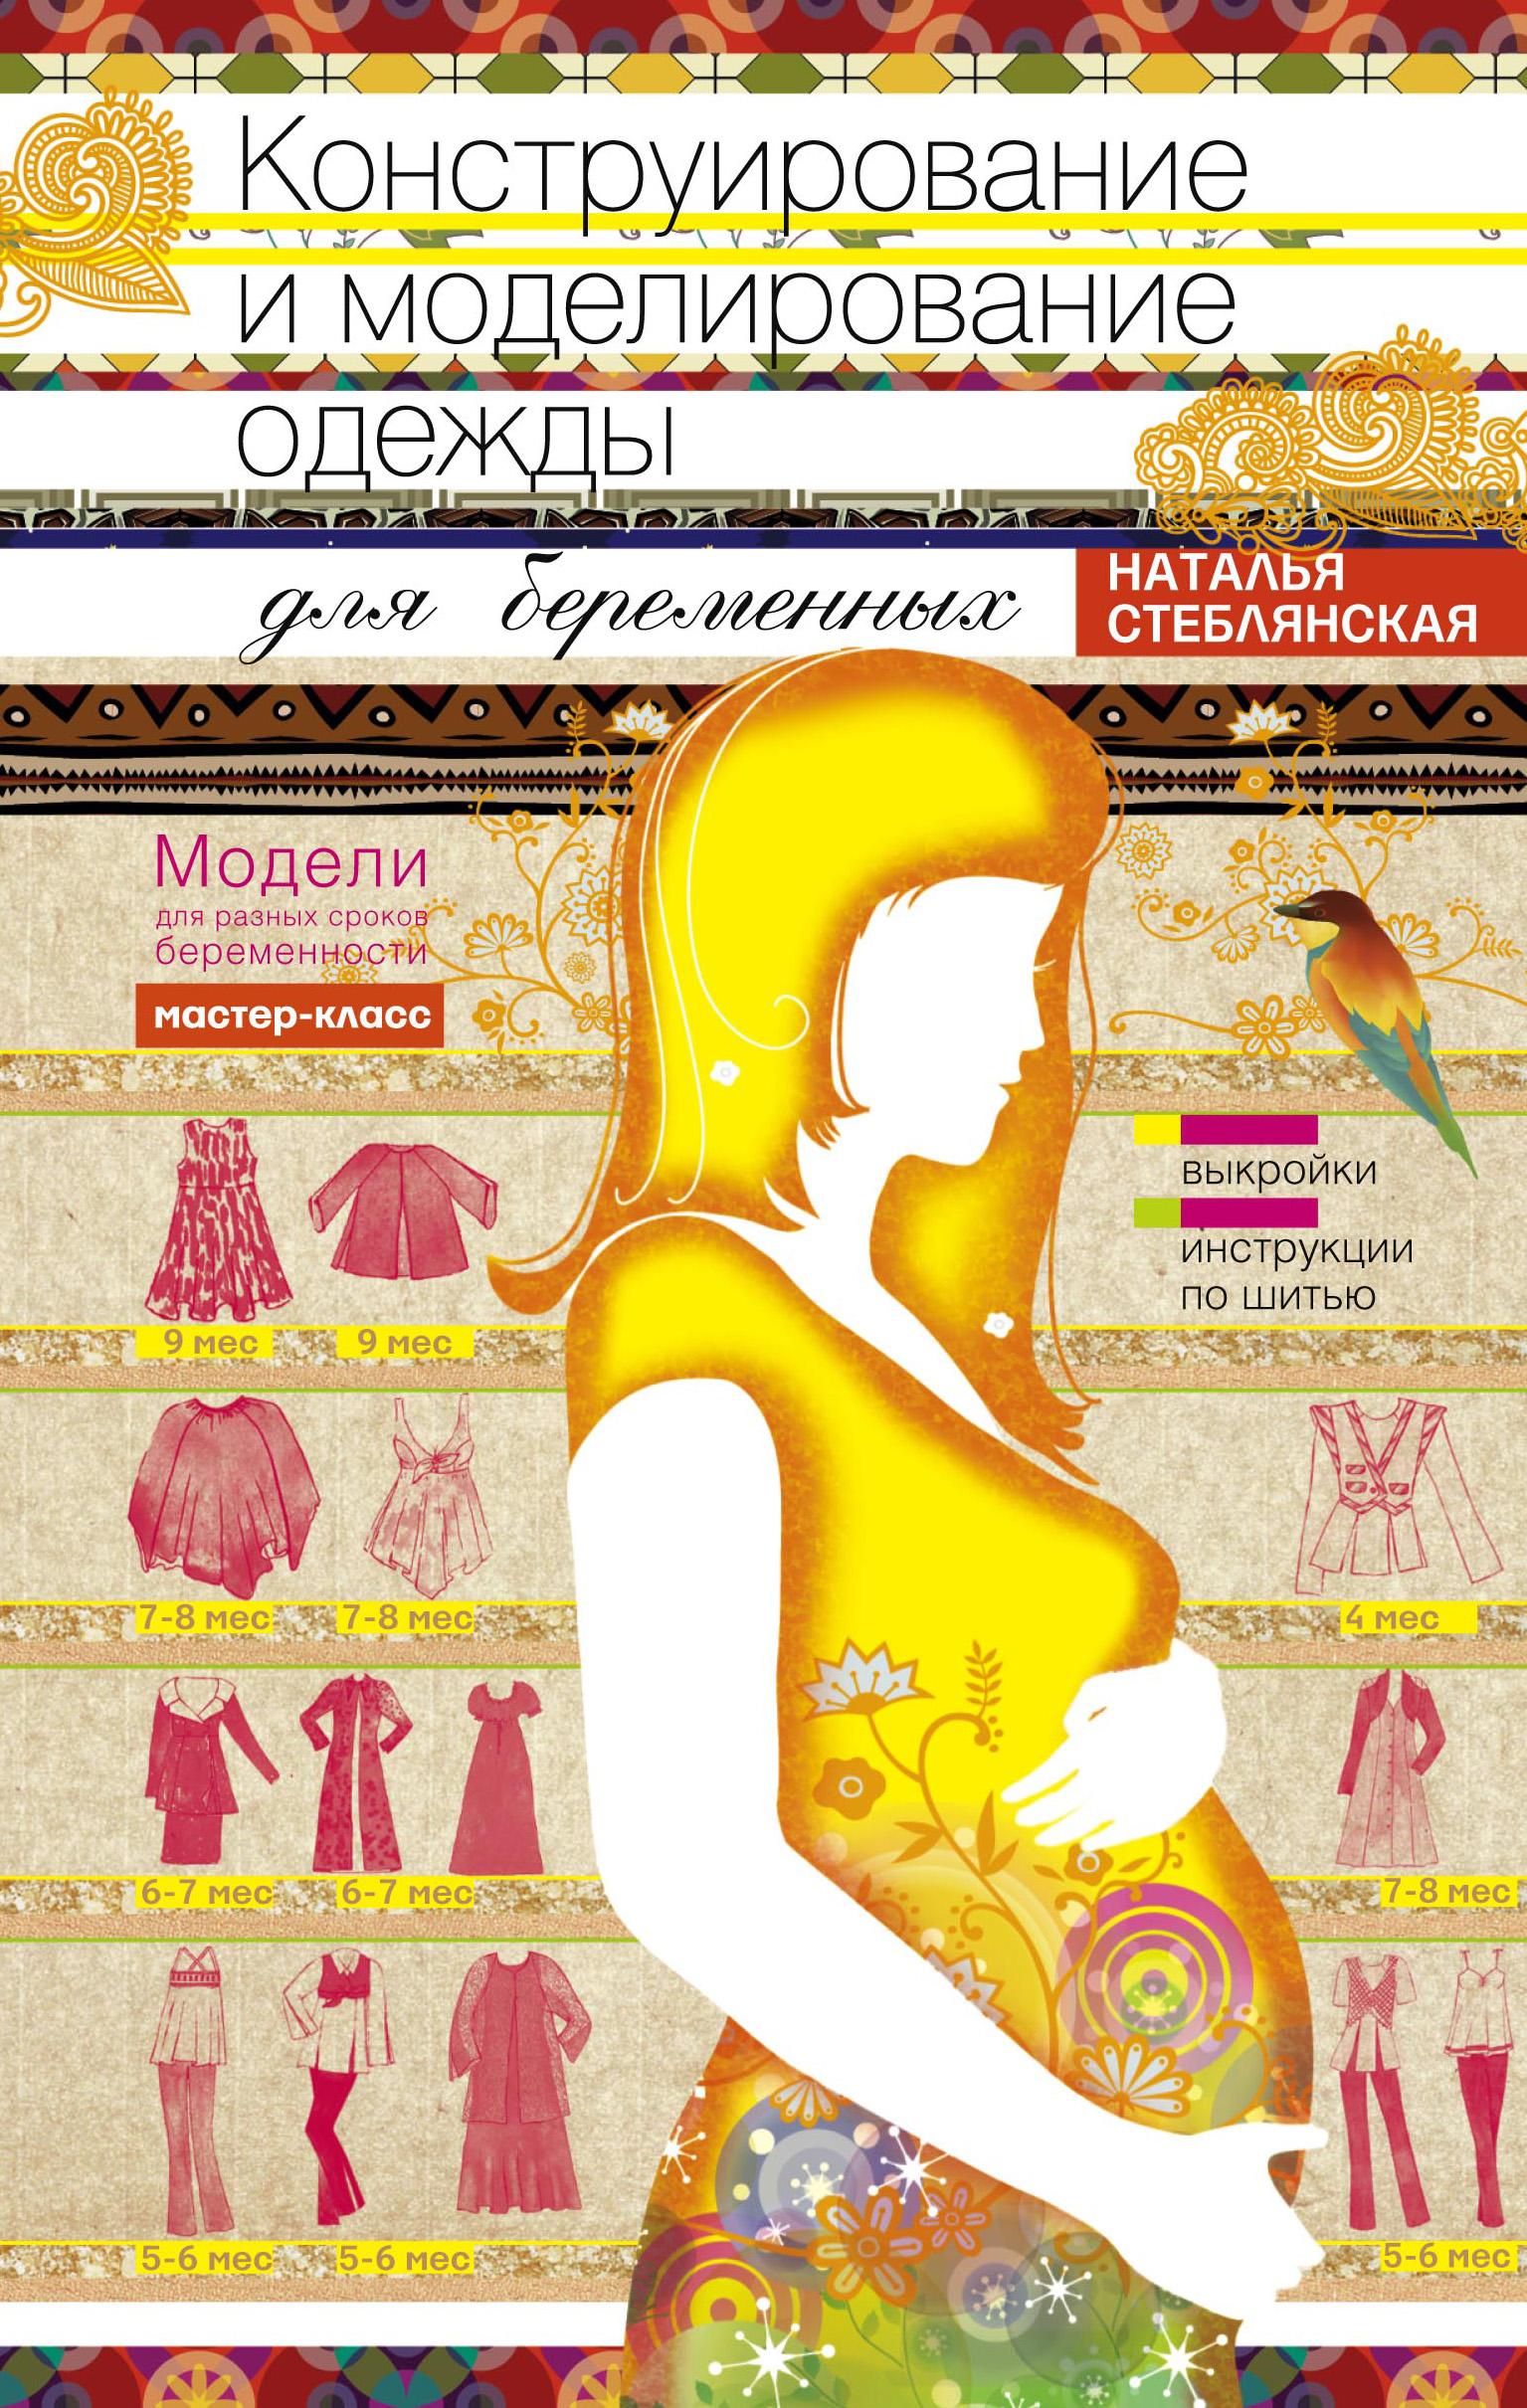 Наталья Стеблянская Конструирование и моделирование одежды для беременных. Модели для разных сроков беременности. Выкройки и инструкции по шитью корфиати а настольная книга по шитью идеальные платья юбки и брюки